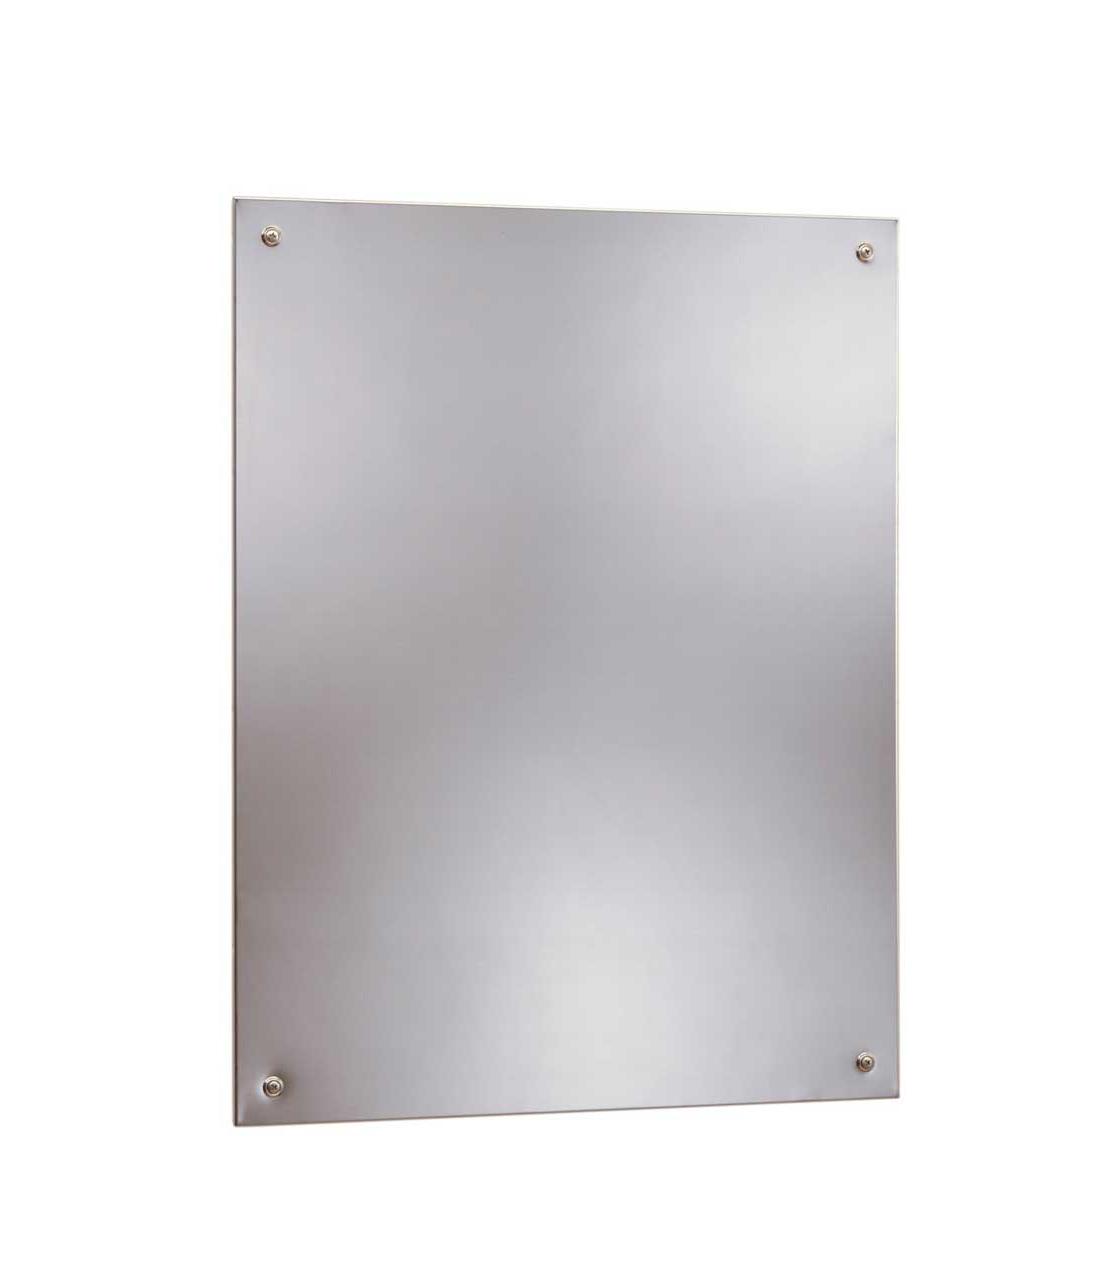 Bobrick B-1556 1830 Frameless Stainless Steel Mirror